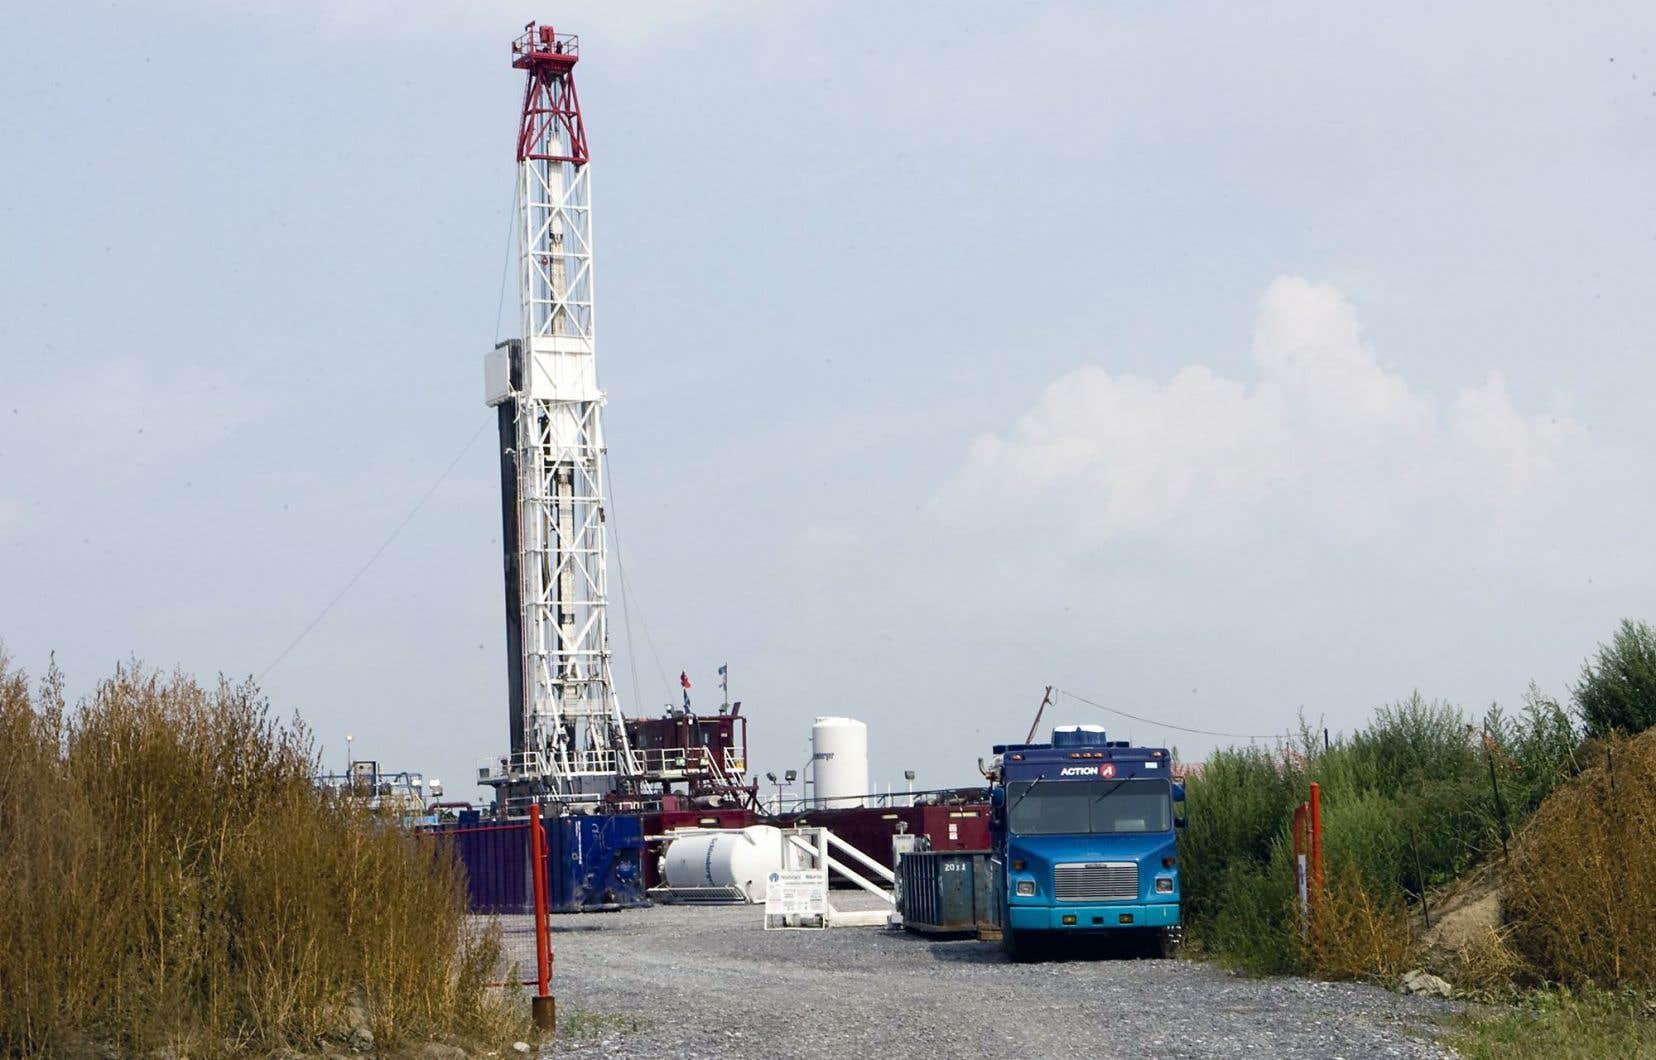 Le Collectif moratoire alternatives vigilance intervention s'oppose à l'exploitation des hydrocarbures, dont le gaz de schiste.